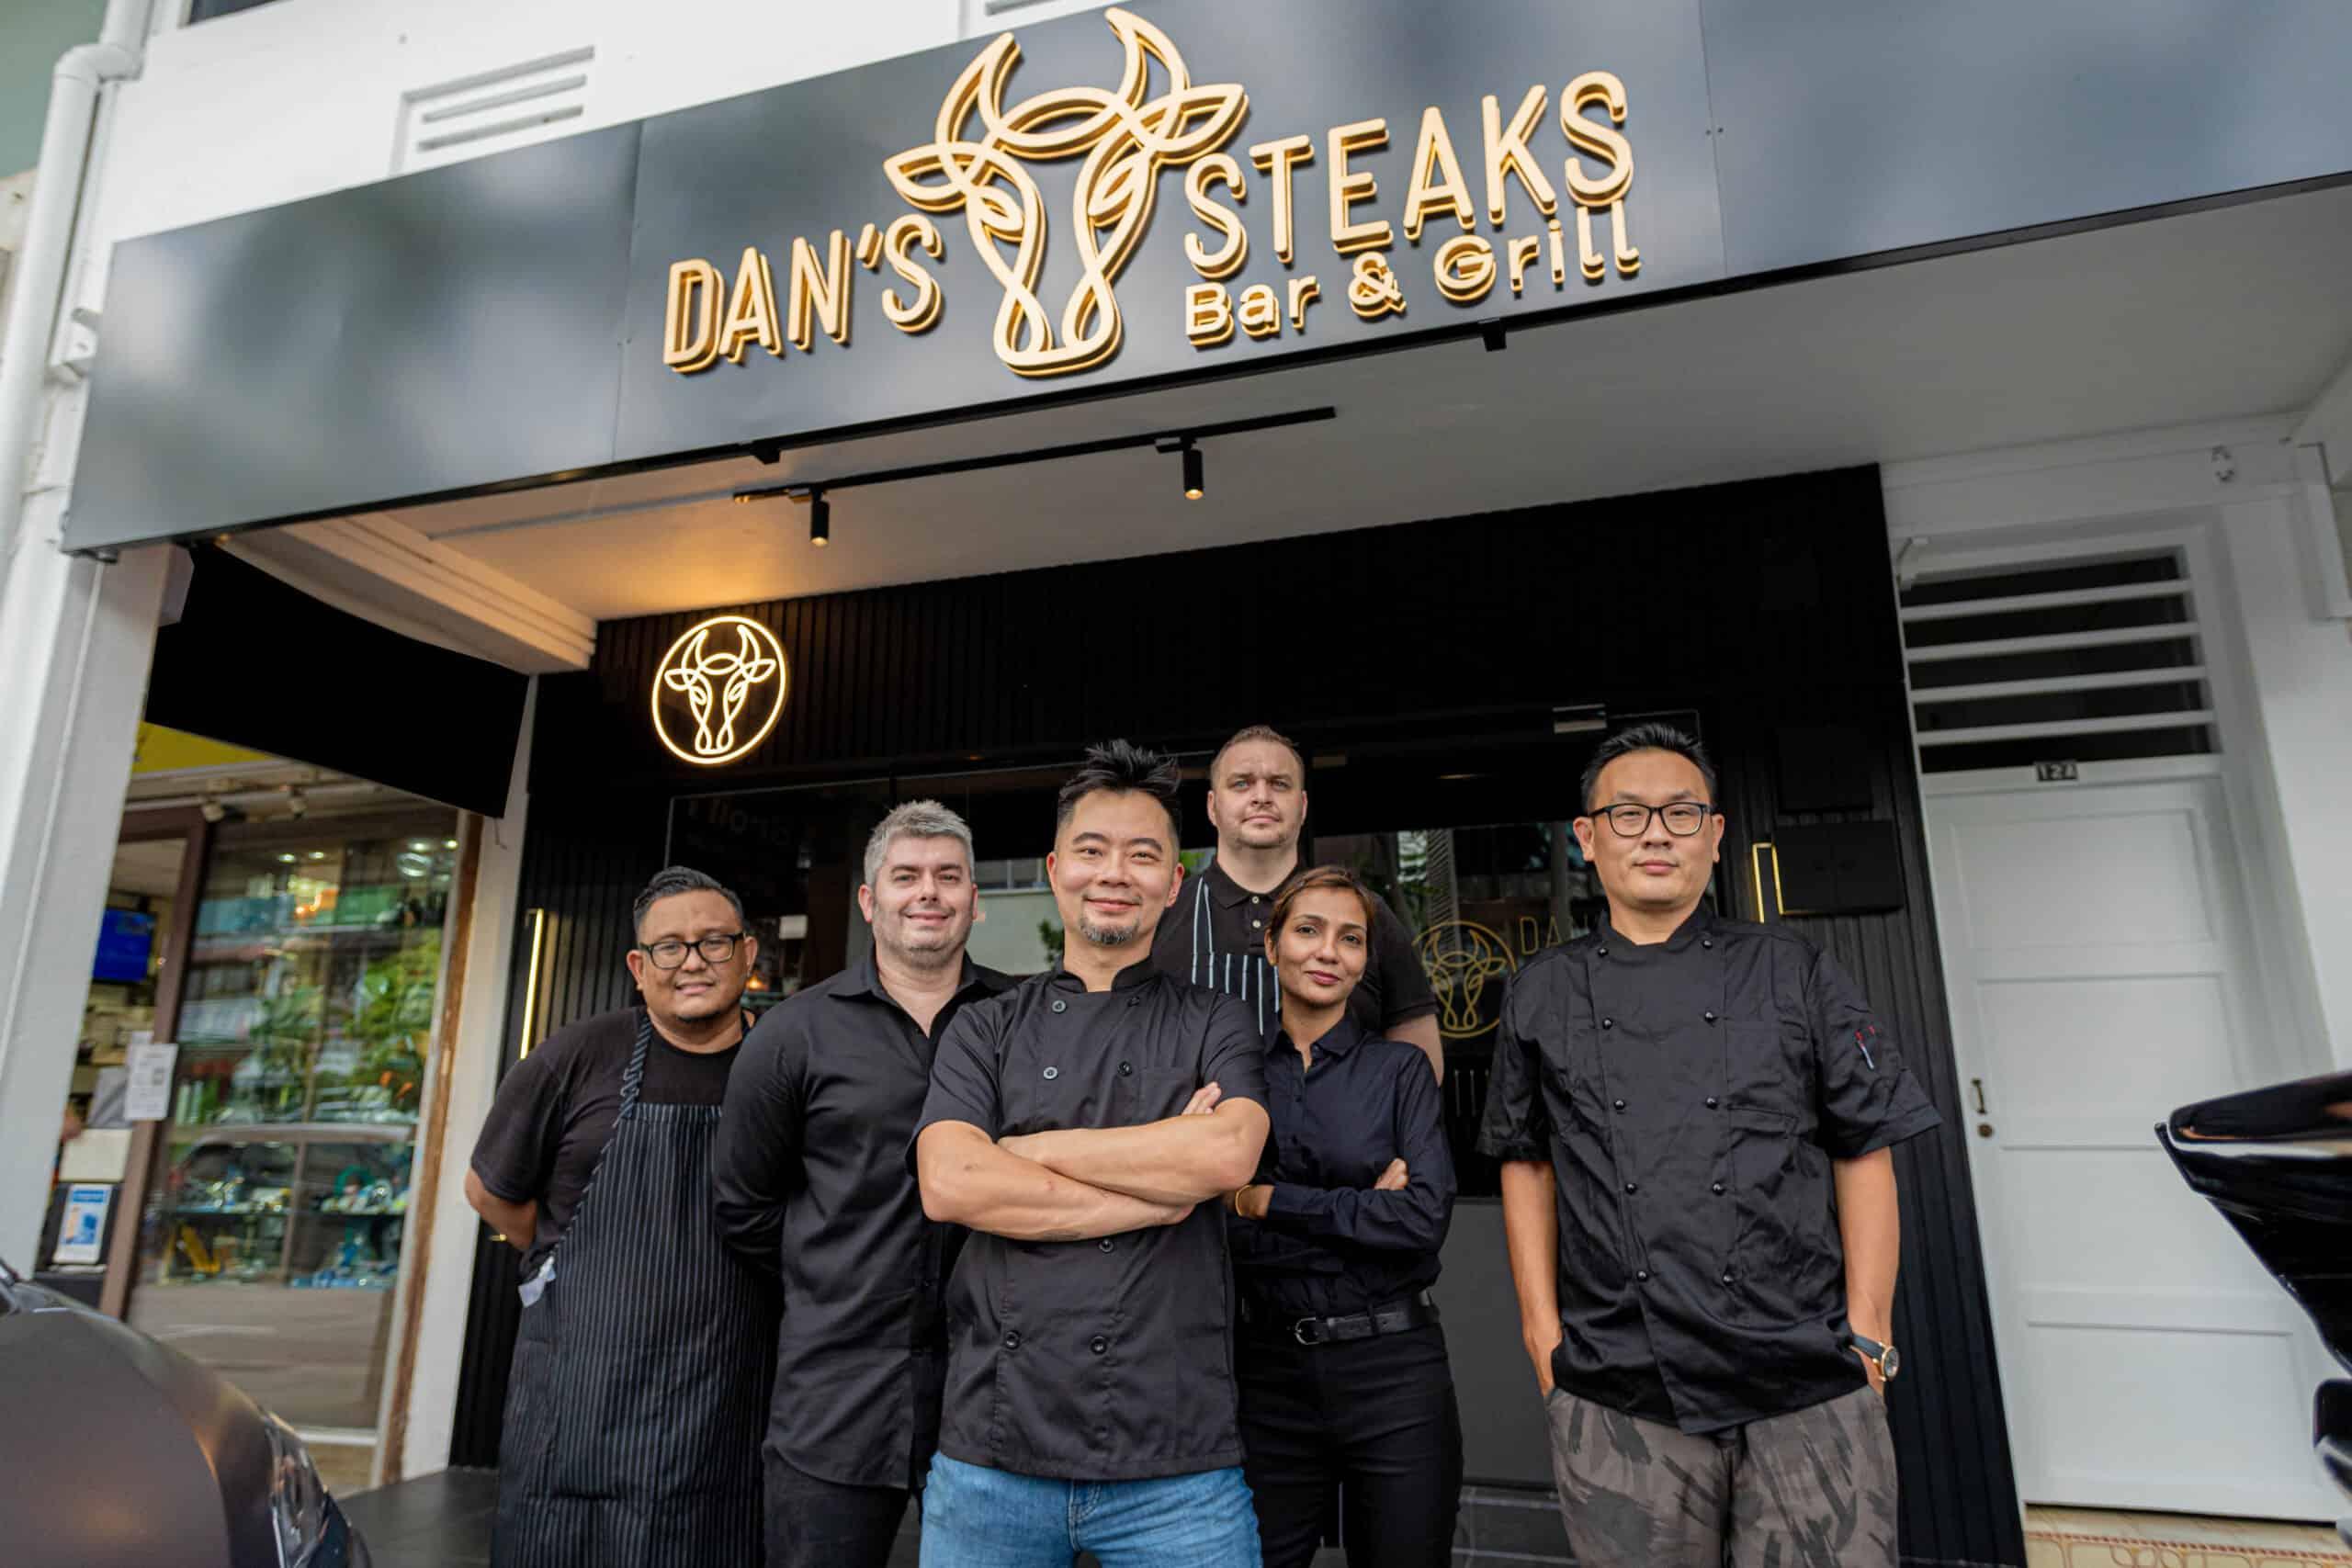 Dan's Steaks